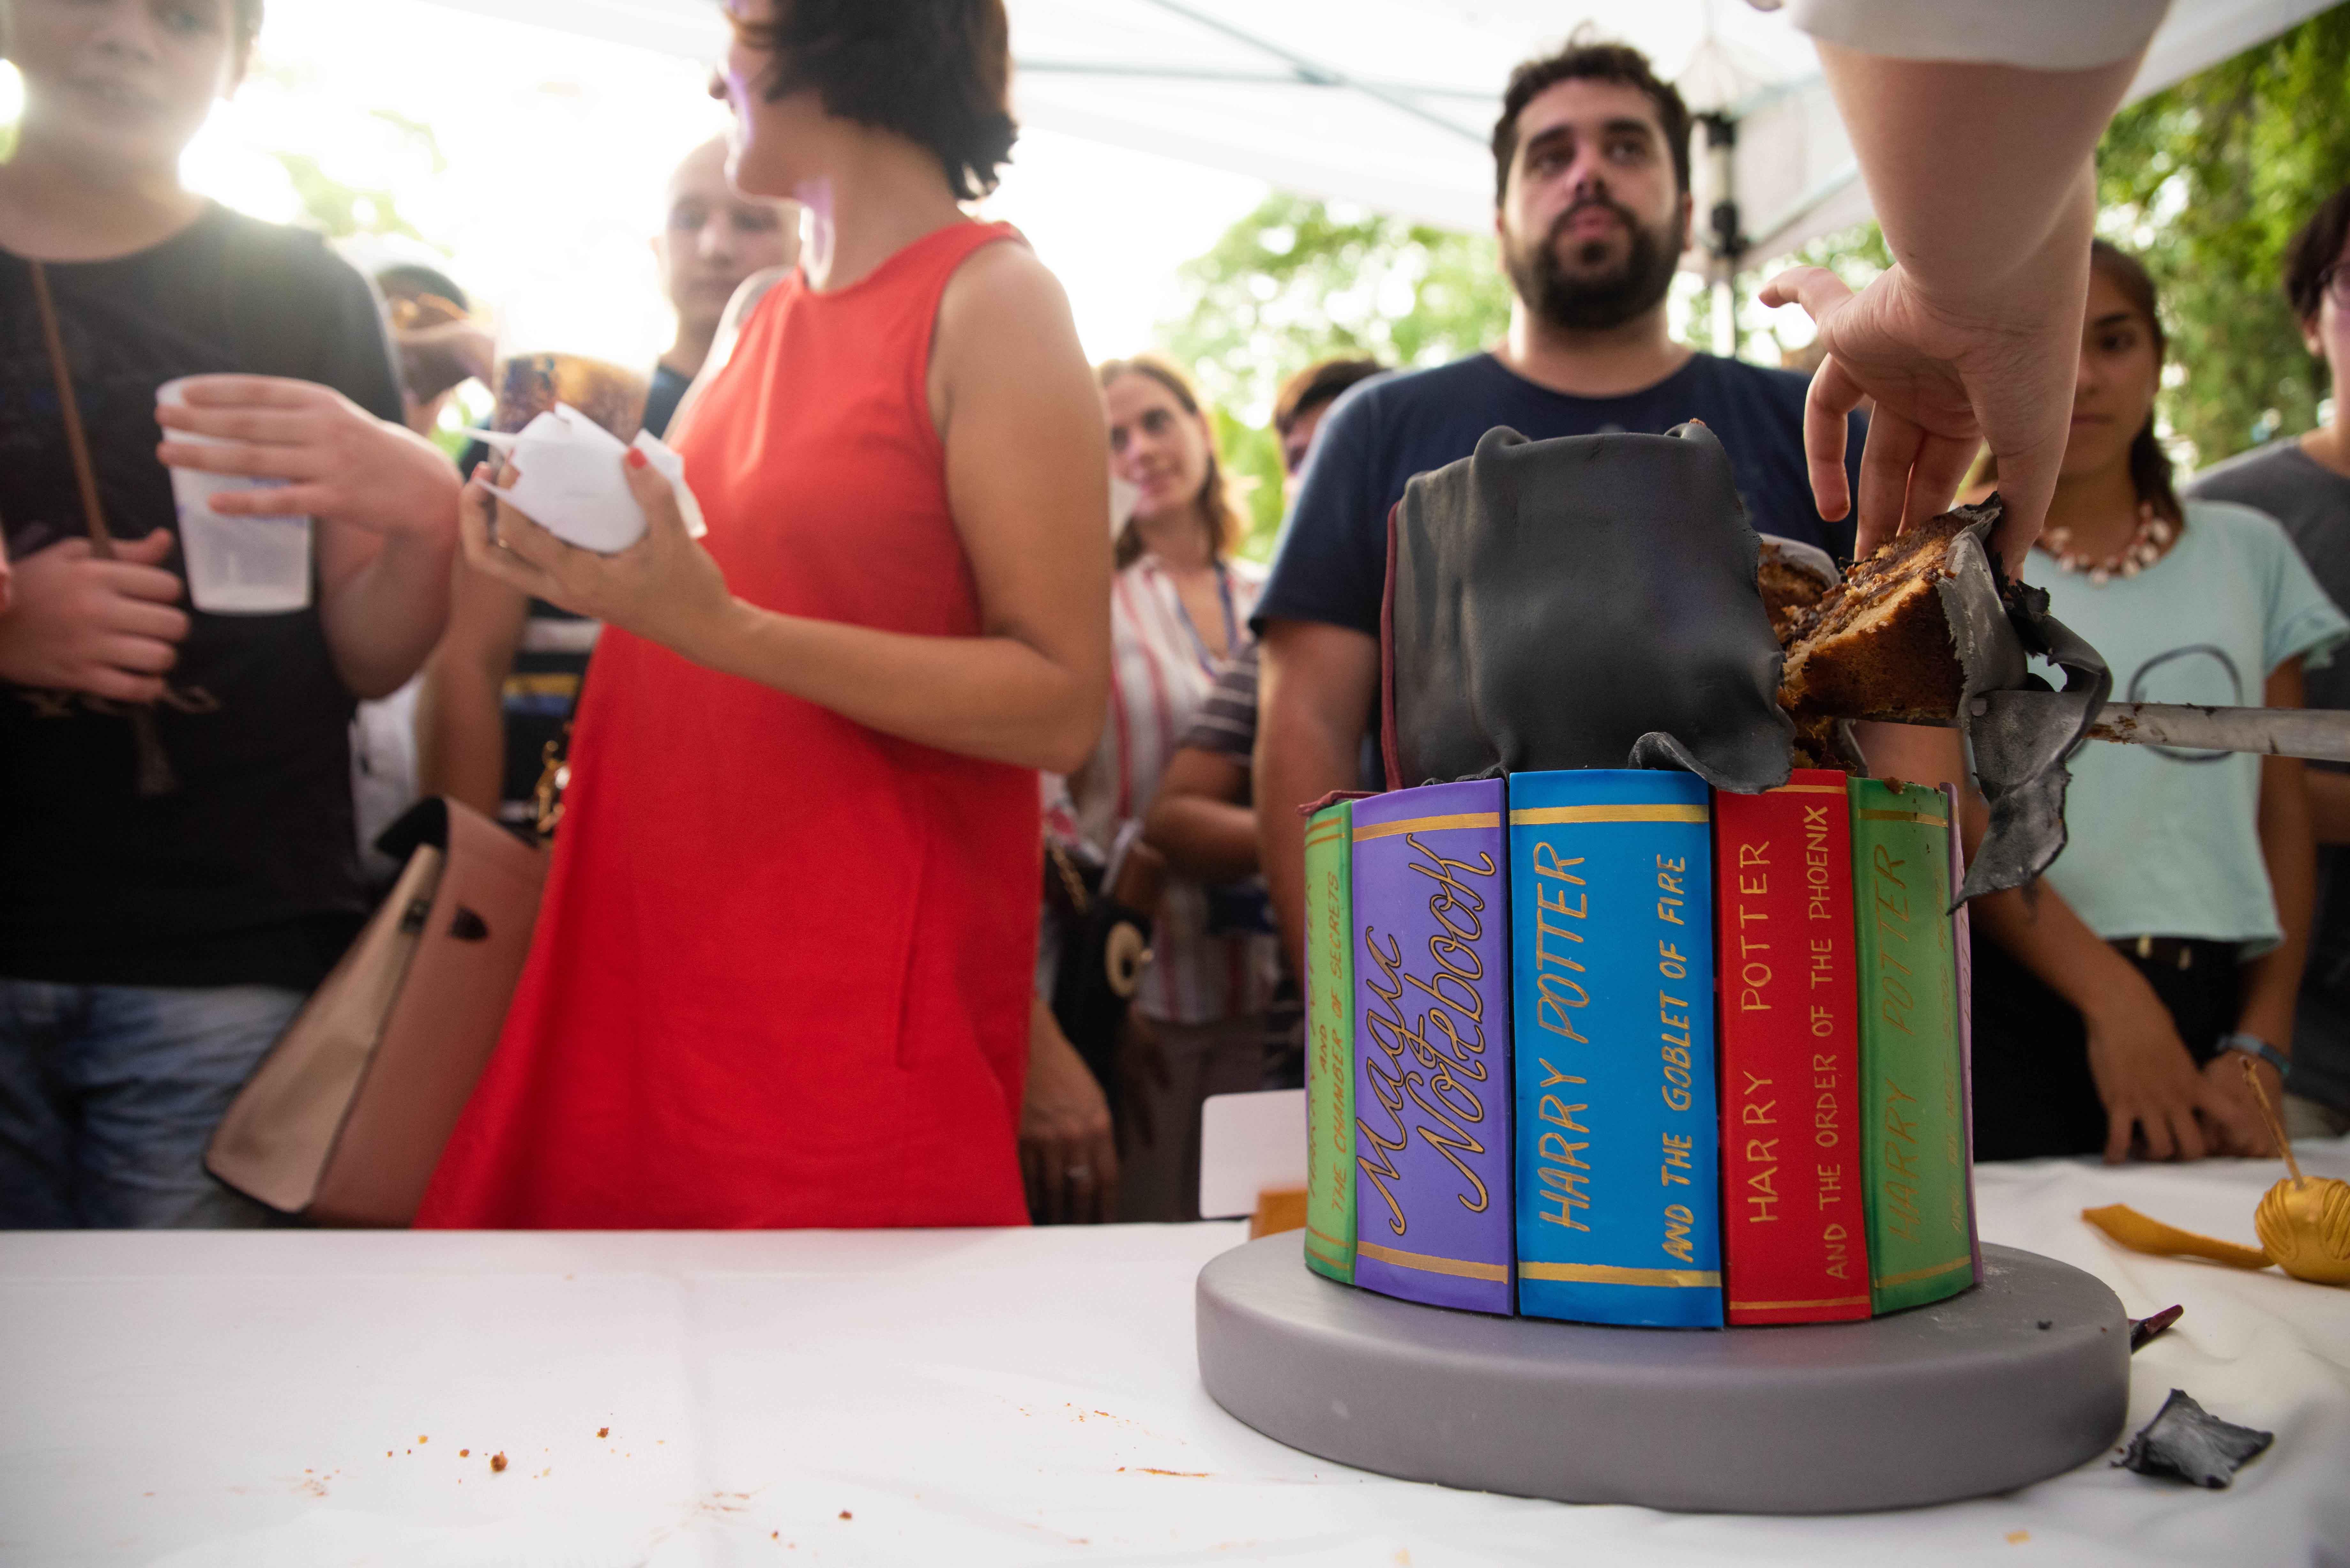 Los presentes pudieron degustar de algunas delicias que tenían como temática varios elementos de Harry Potter